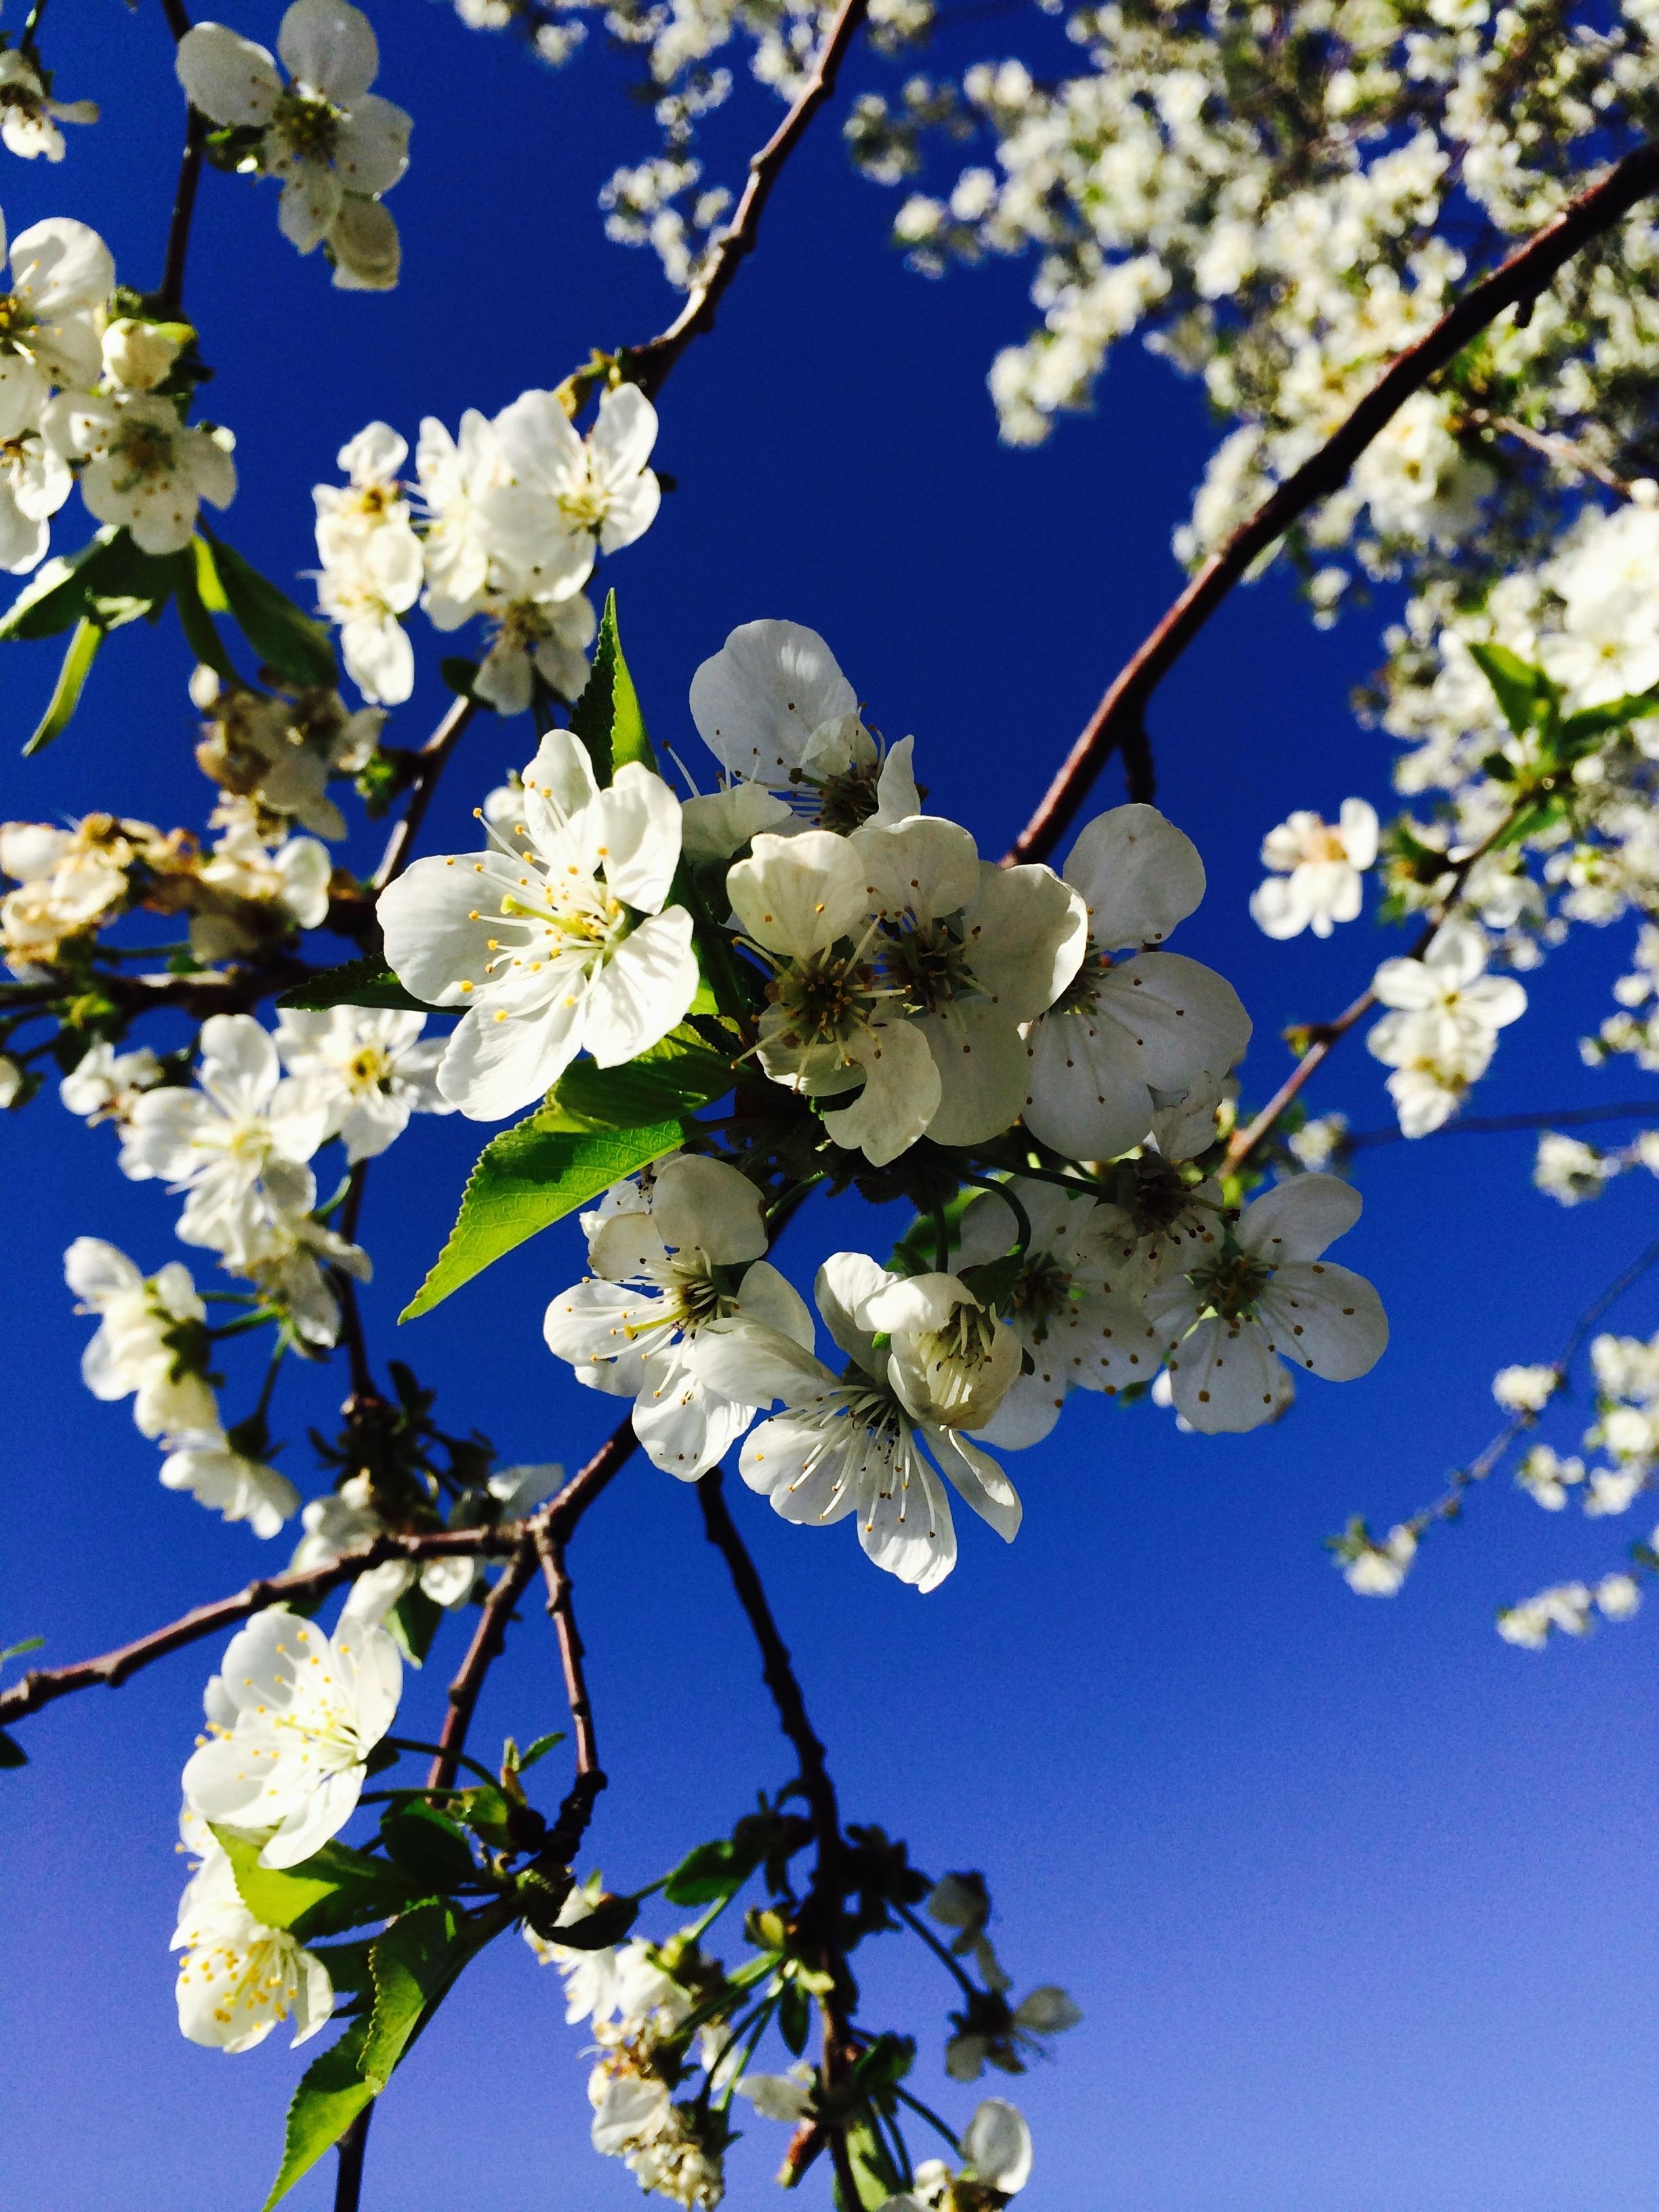 загрузить весна картинки узнать, какое